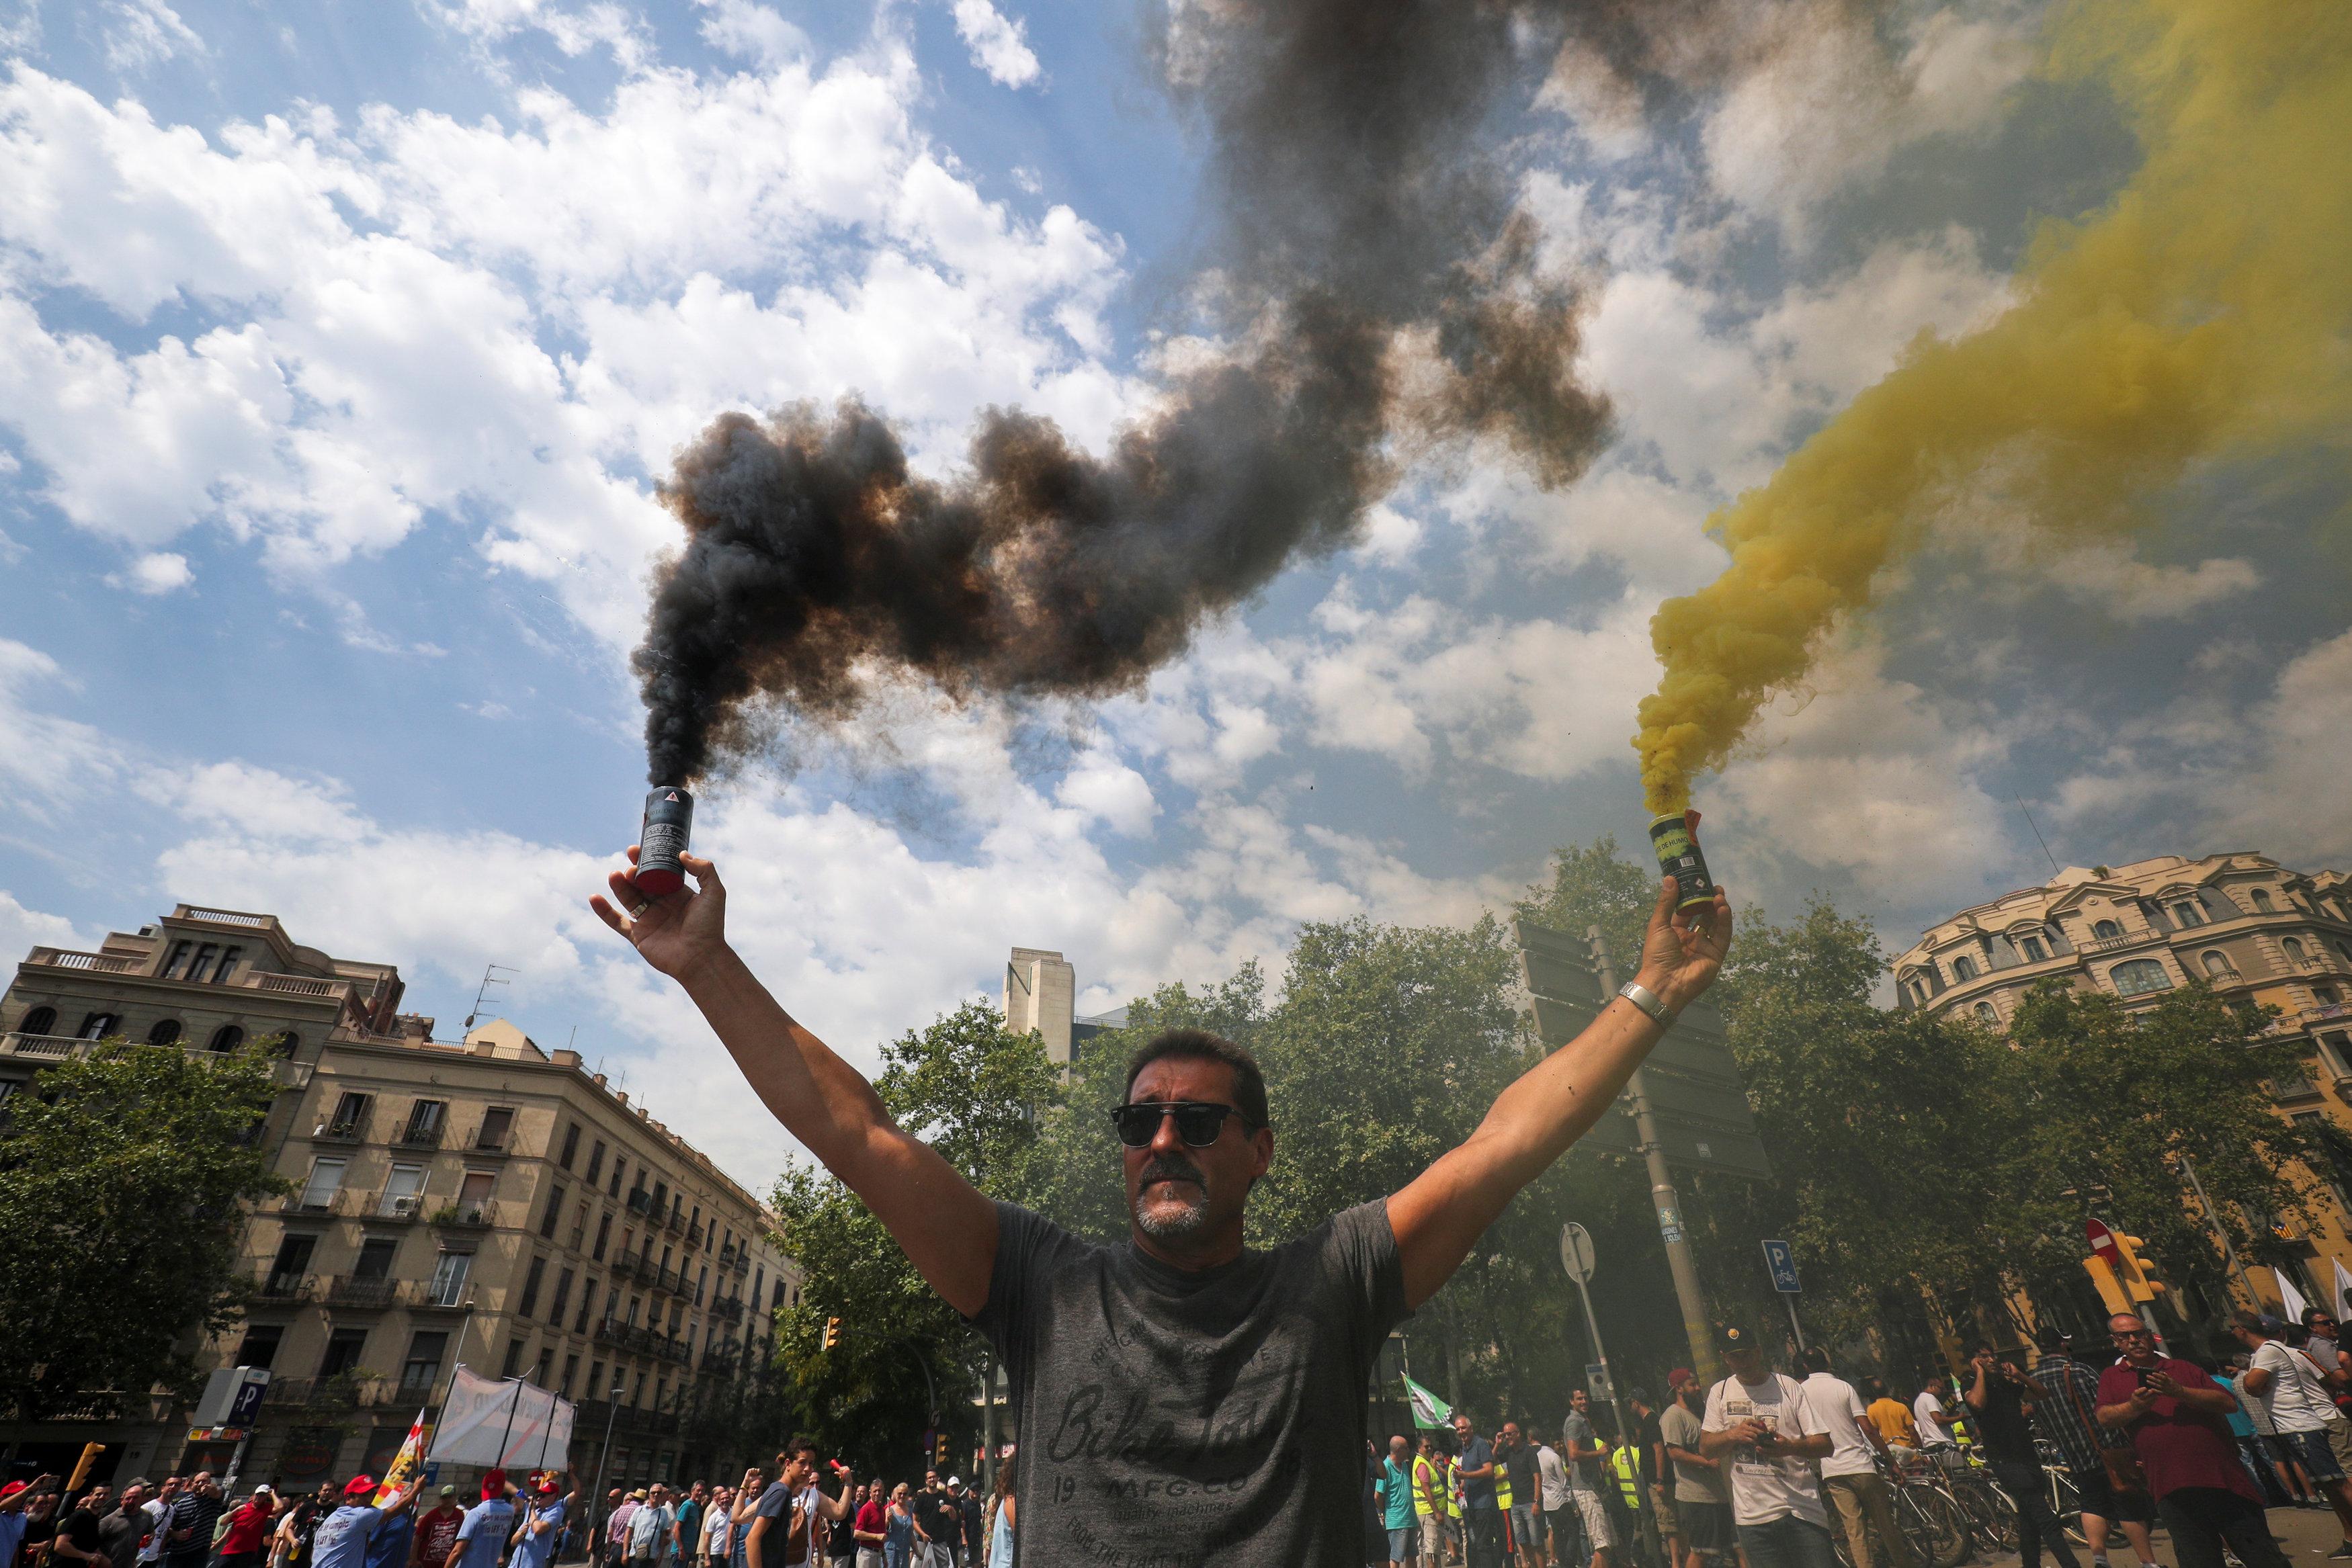 احتجاجات فى إسبانيا